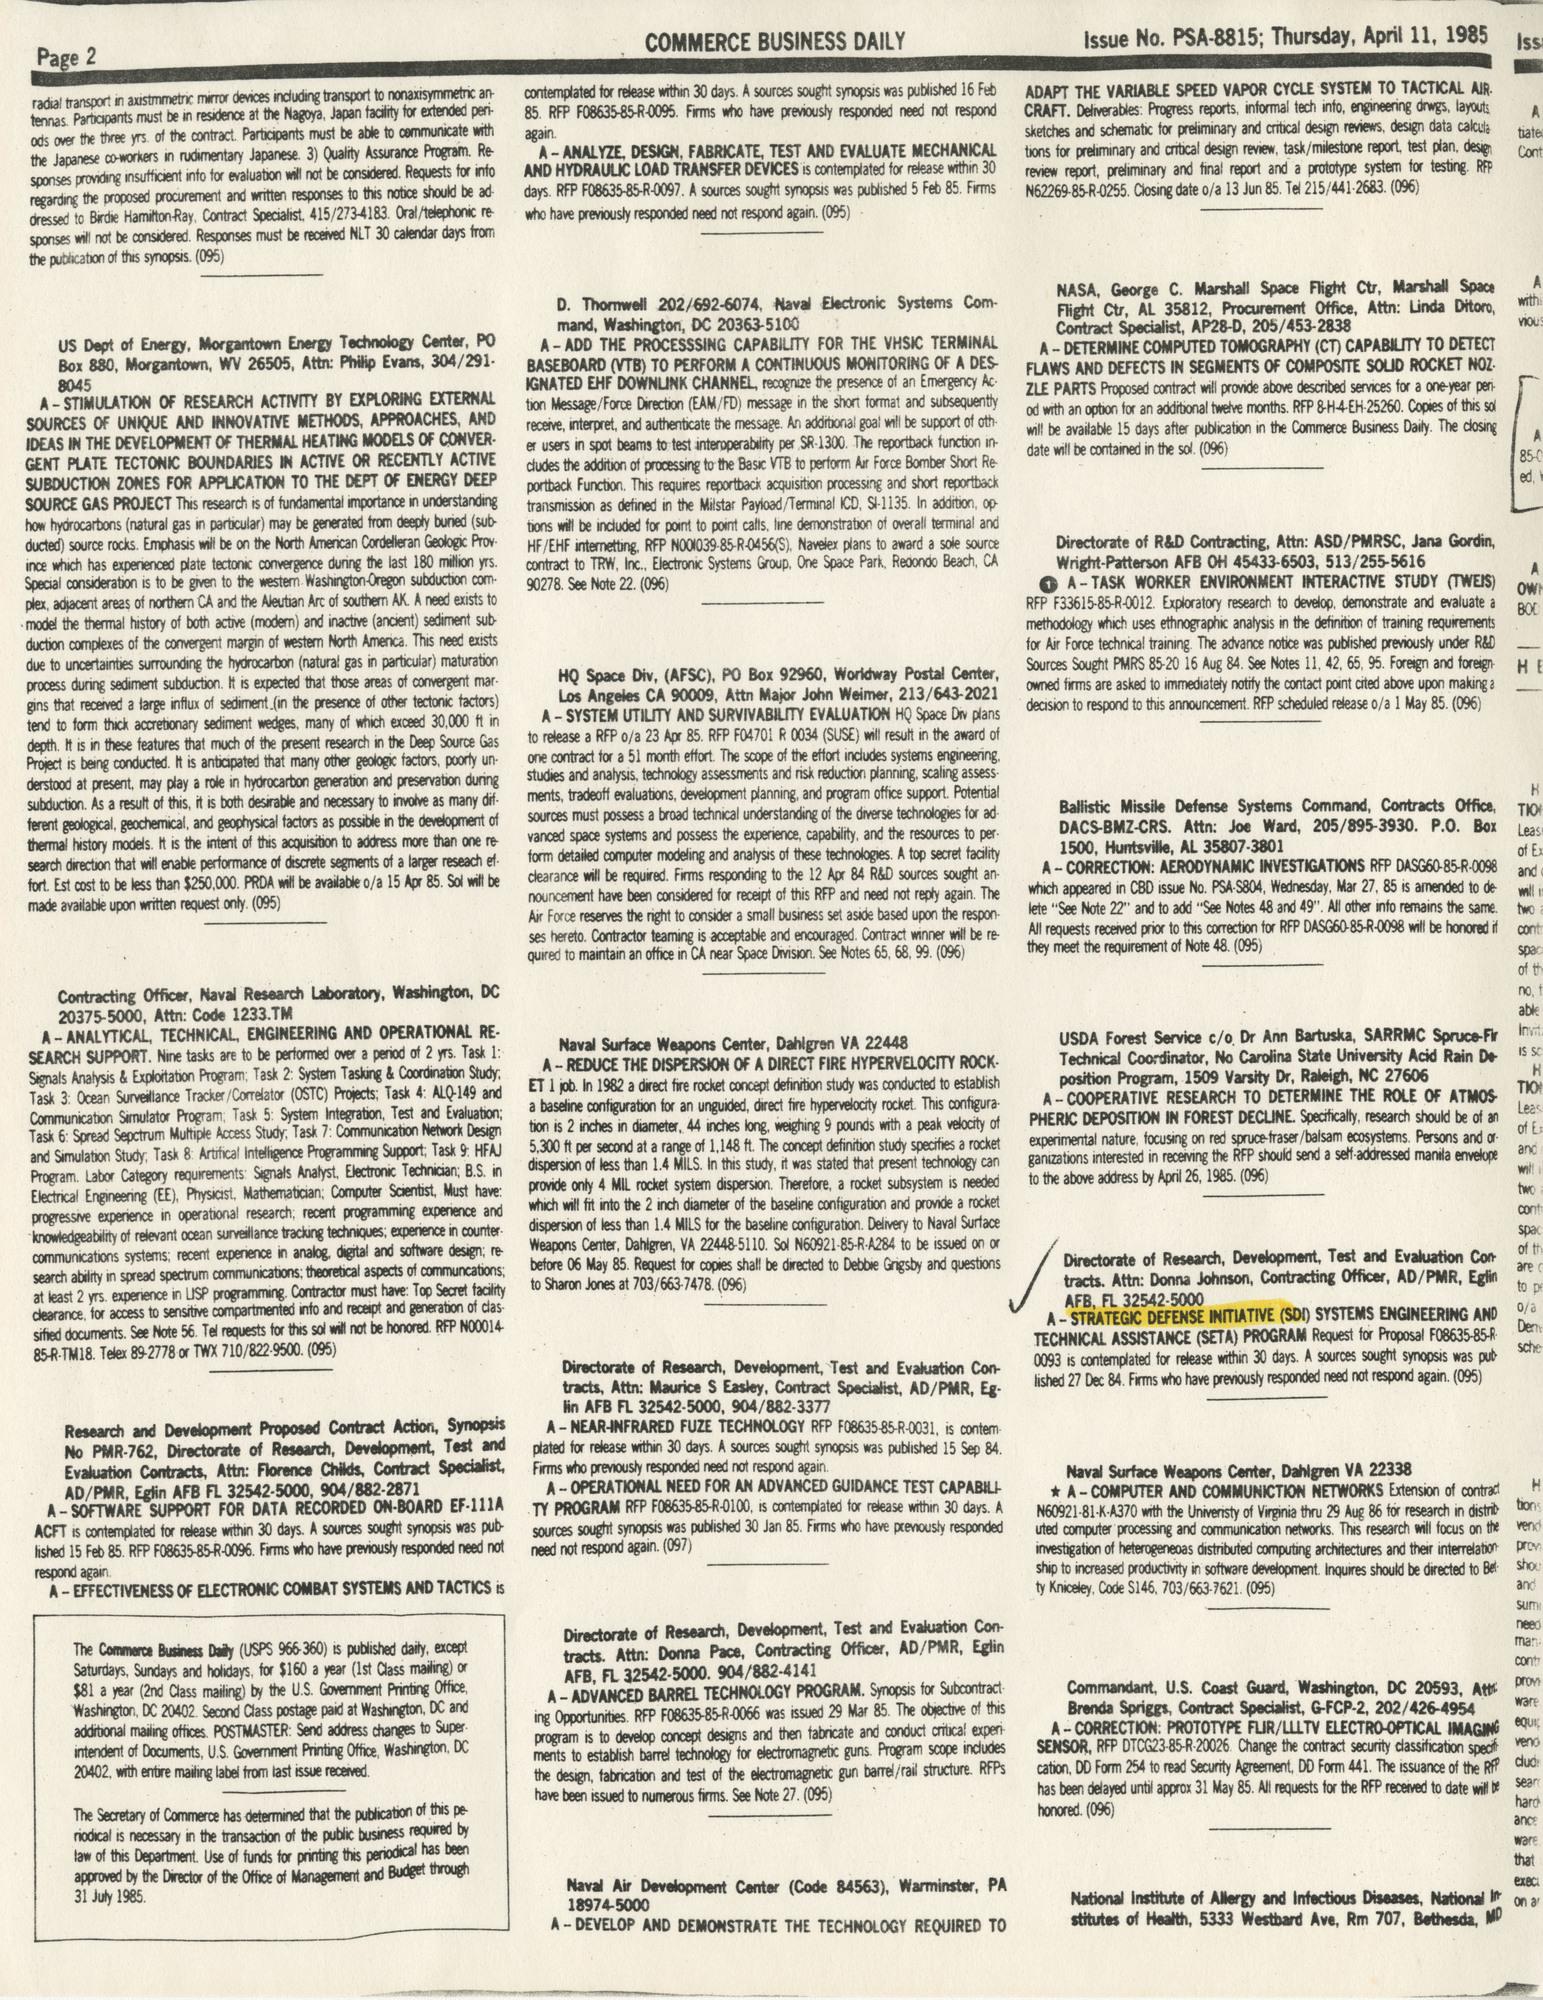 http://spec.lib.vt.edu/pickup/Omeka_upload/Ms1989-029_B19_F2_Newsletter_1985_0411b.jpg